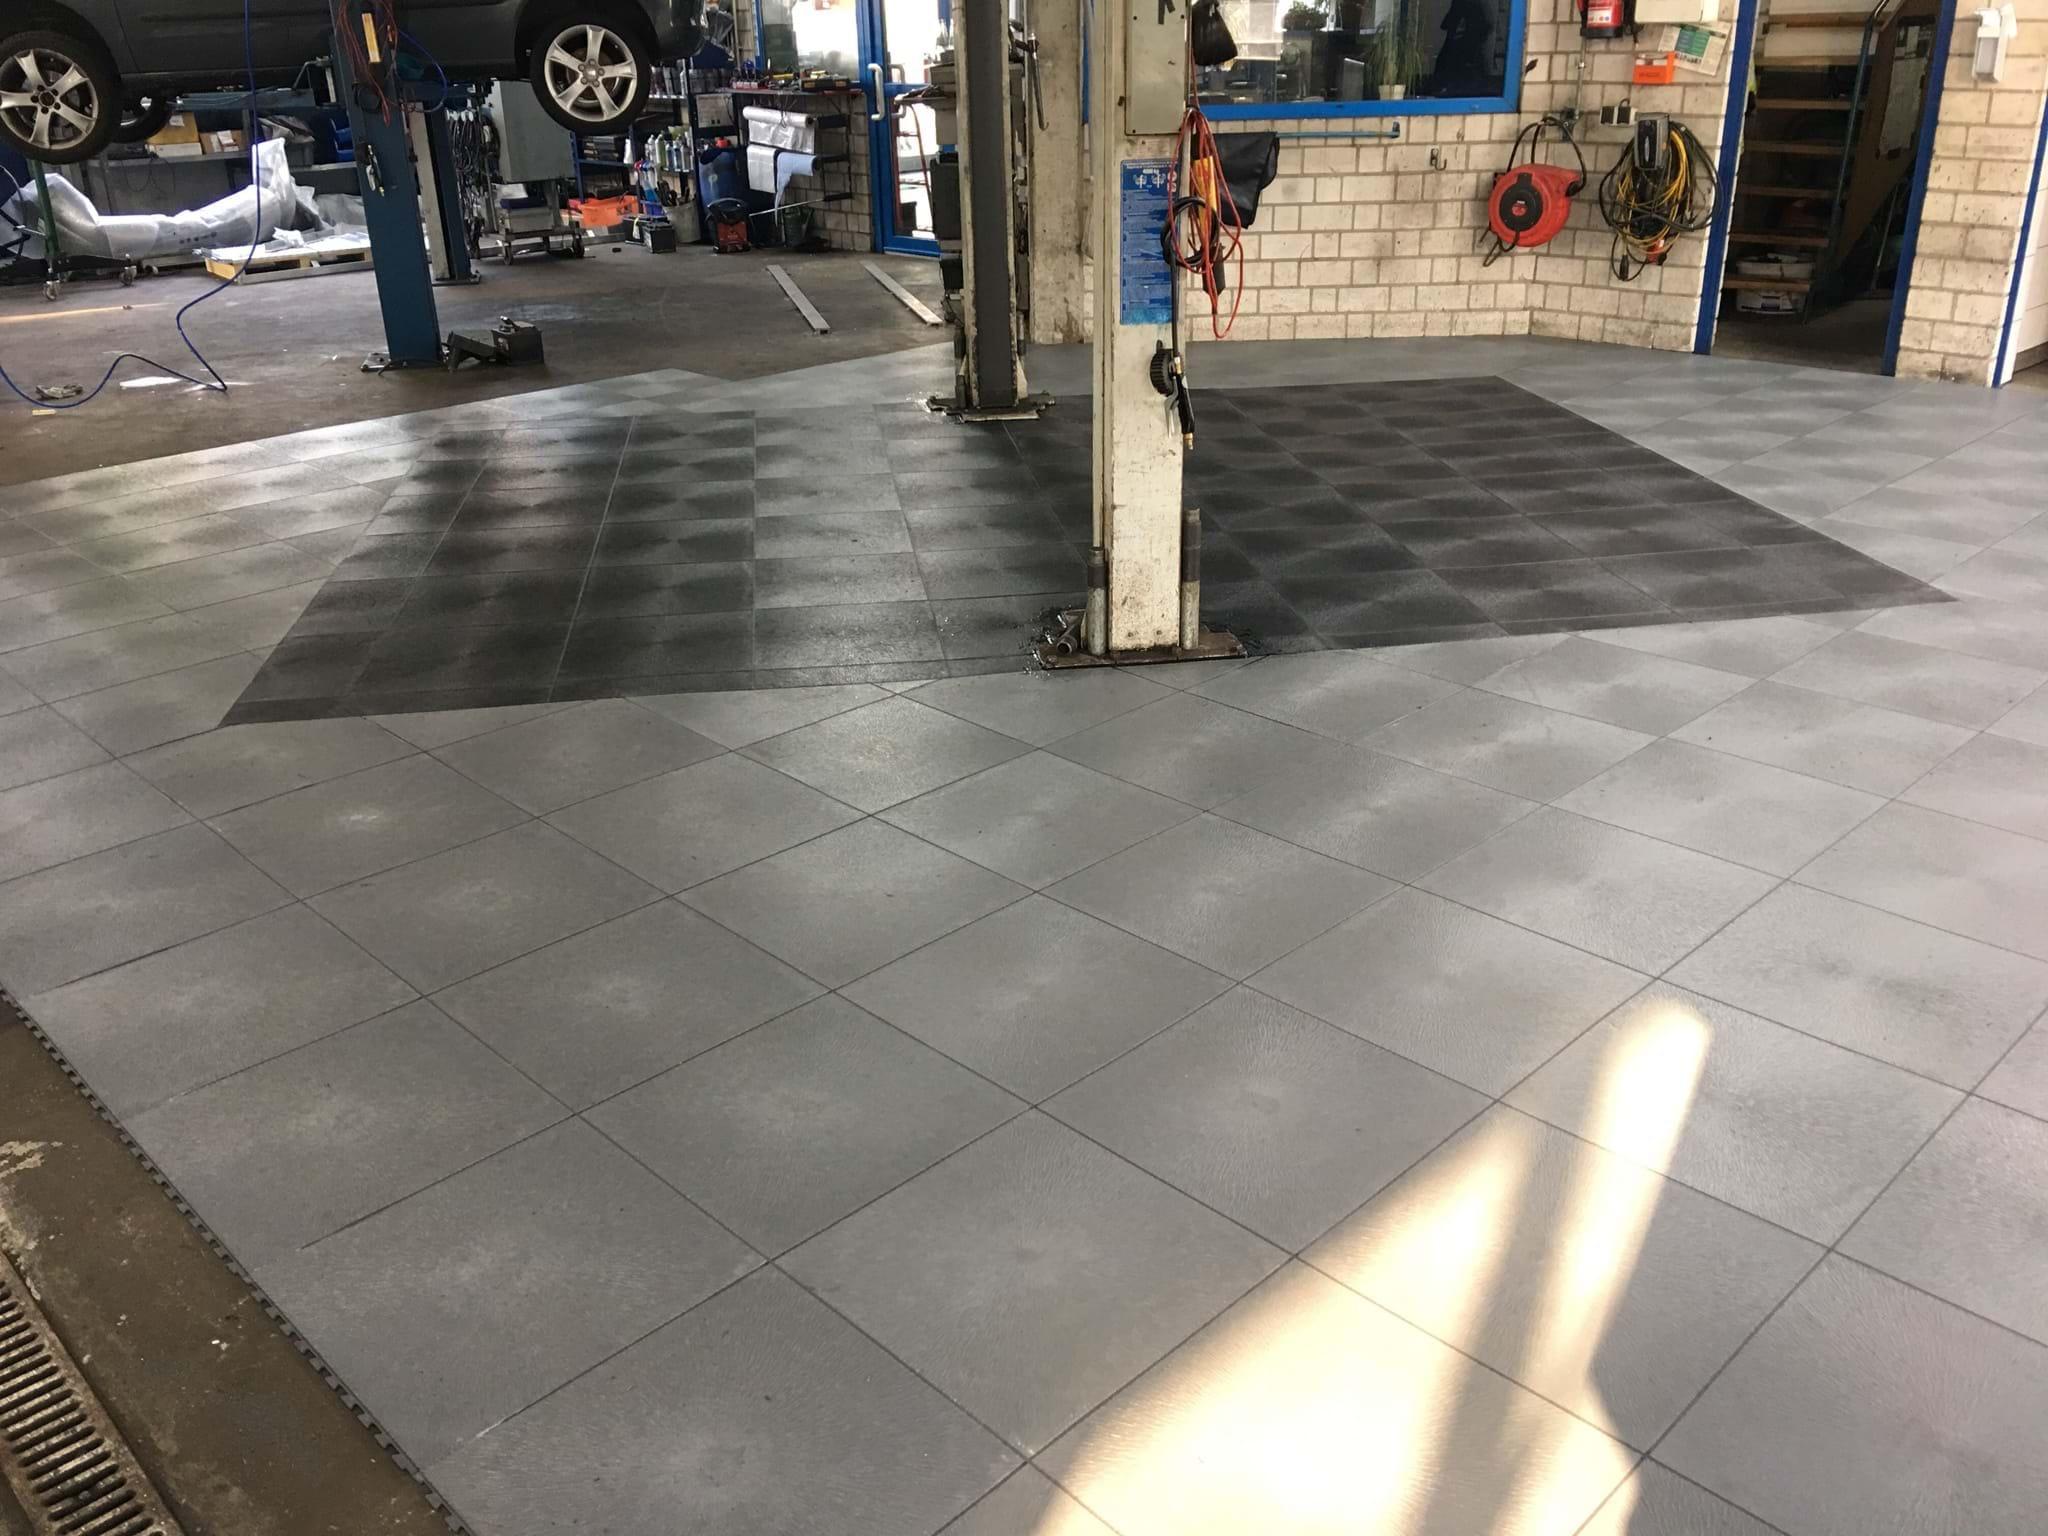 Neubauer Maler Fußboden Gmbh Bad Berka ~ Fußboden werkstatt osb boden in der werkstatt verlegen endlich